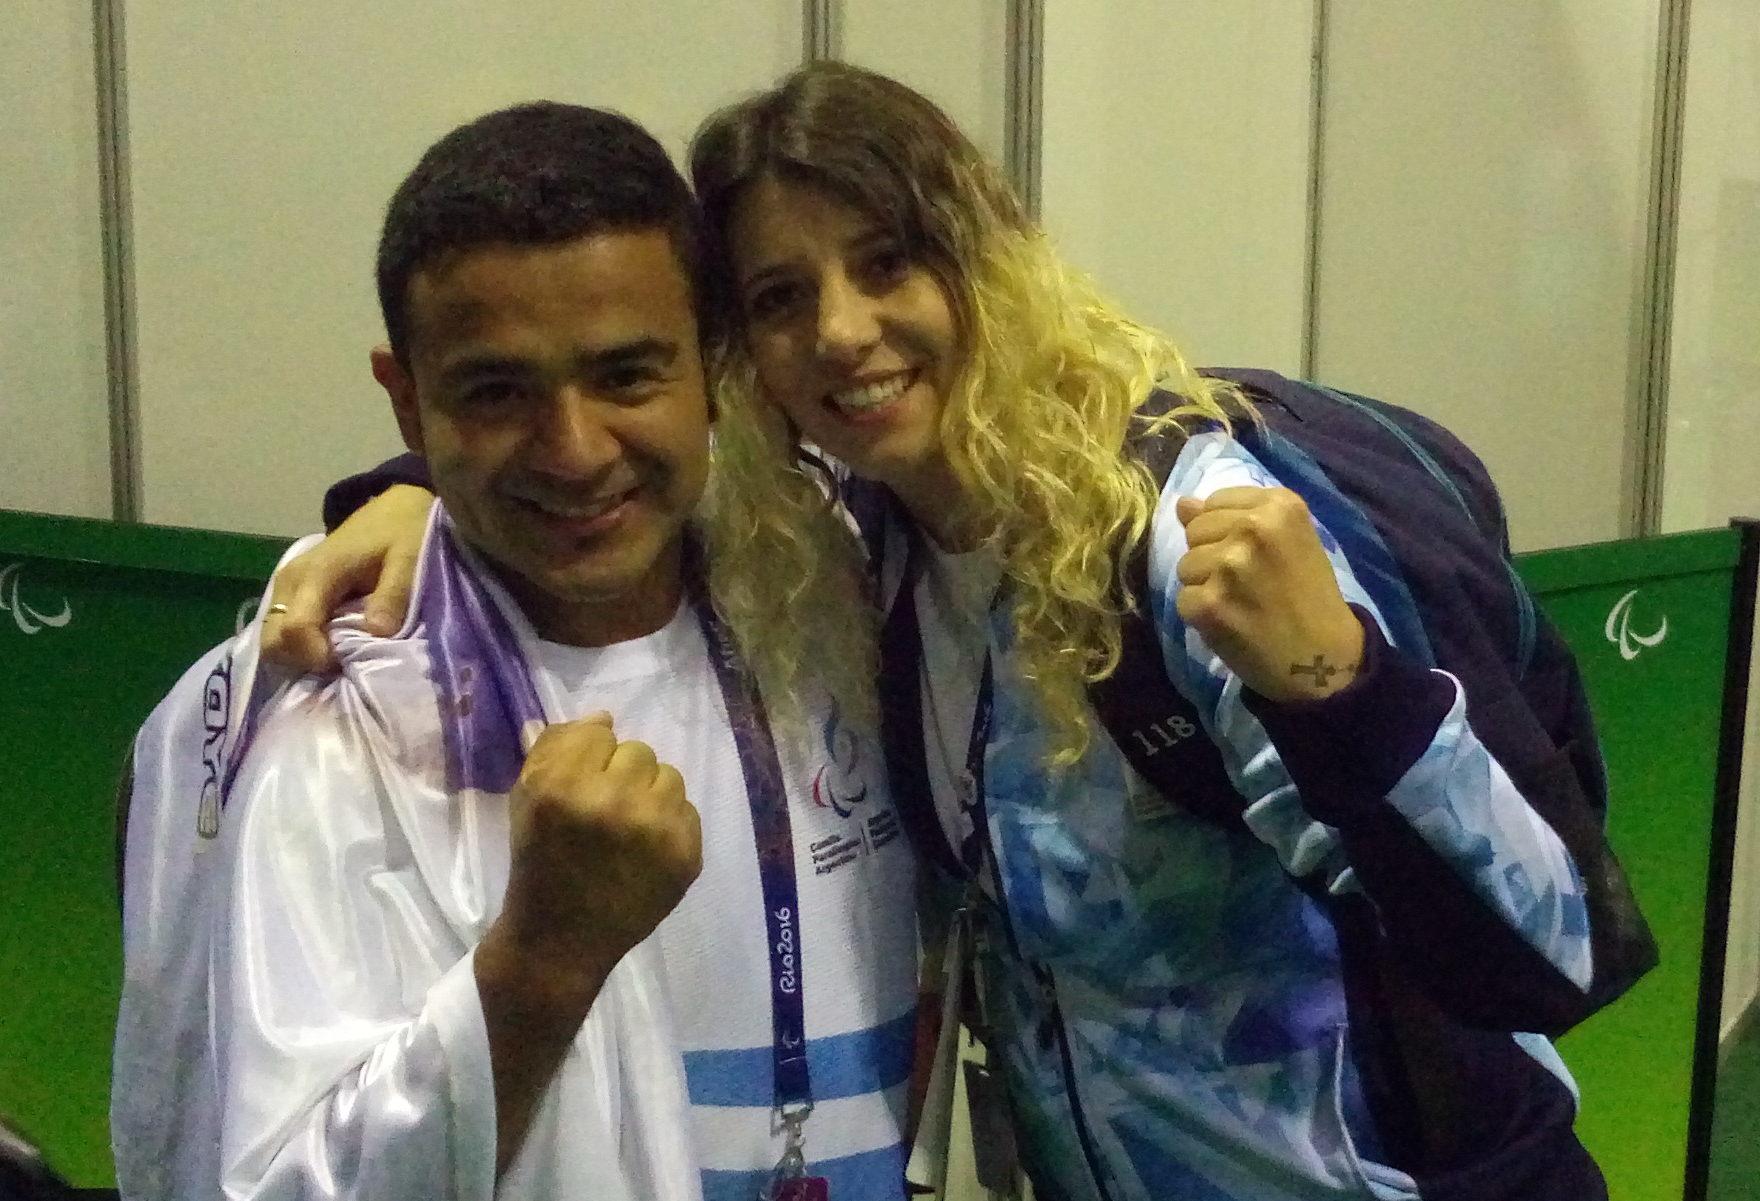 David Coronel junto con su entrenadora Sofía Cadona luego de la competencia. (Foto: Prensa EMDER)